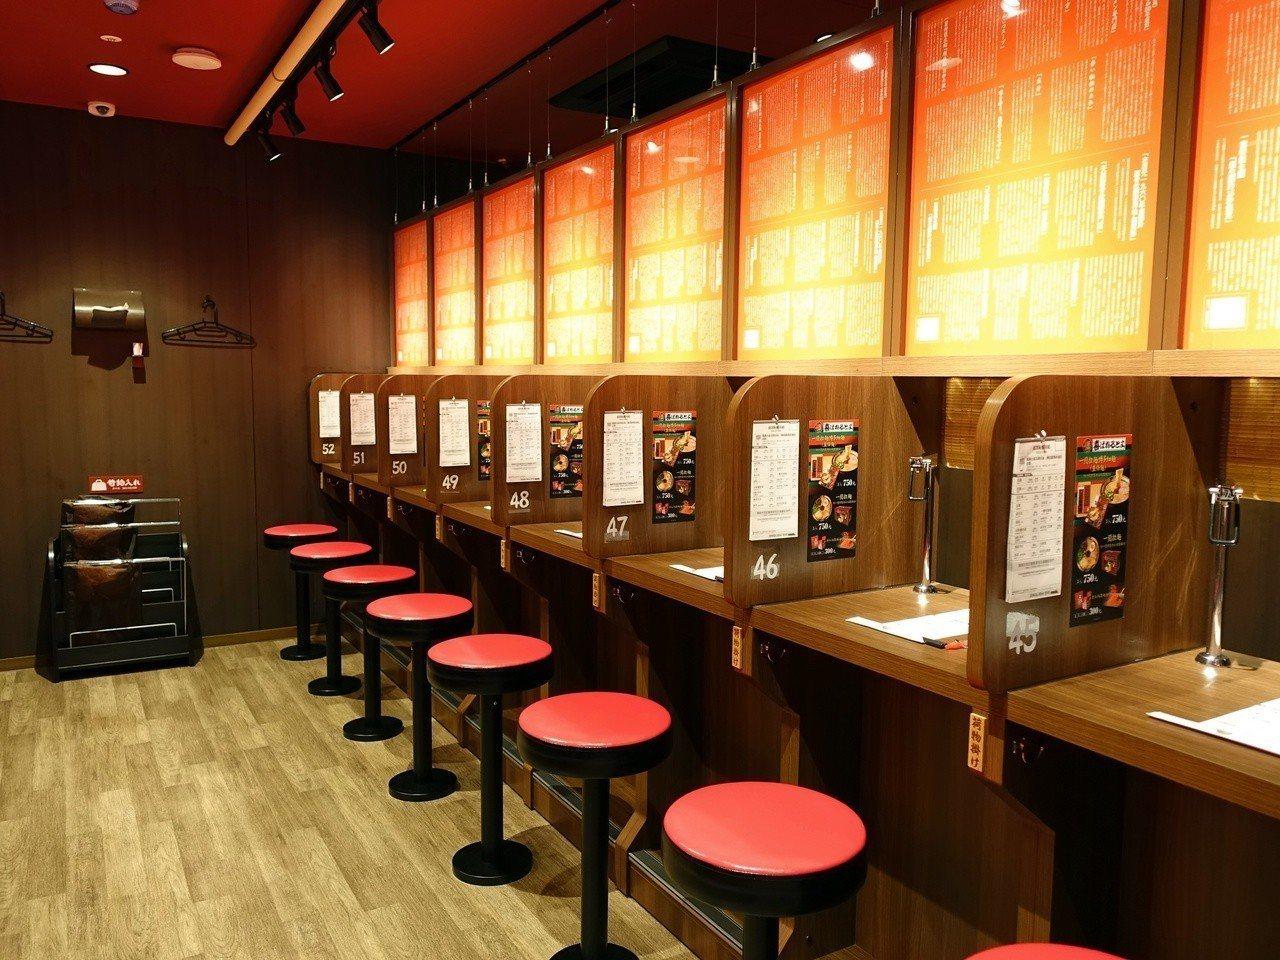 一號店別館提供52個座位區。記者張芳瑜/攝影